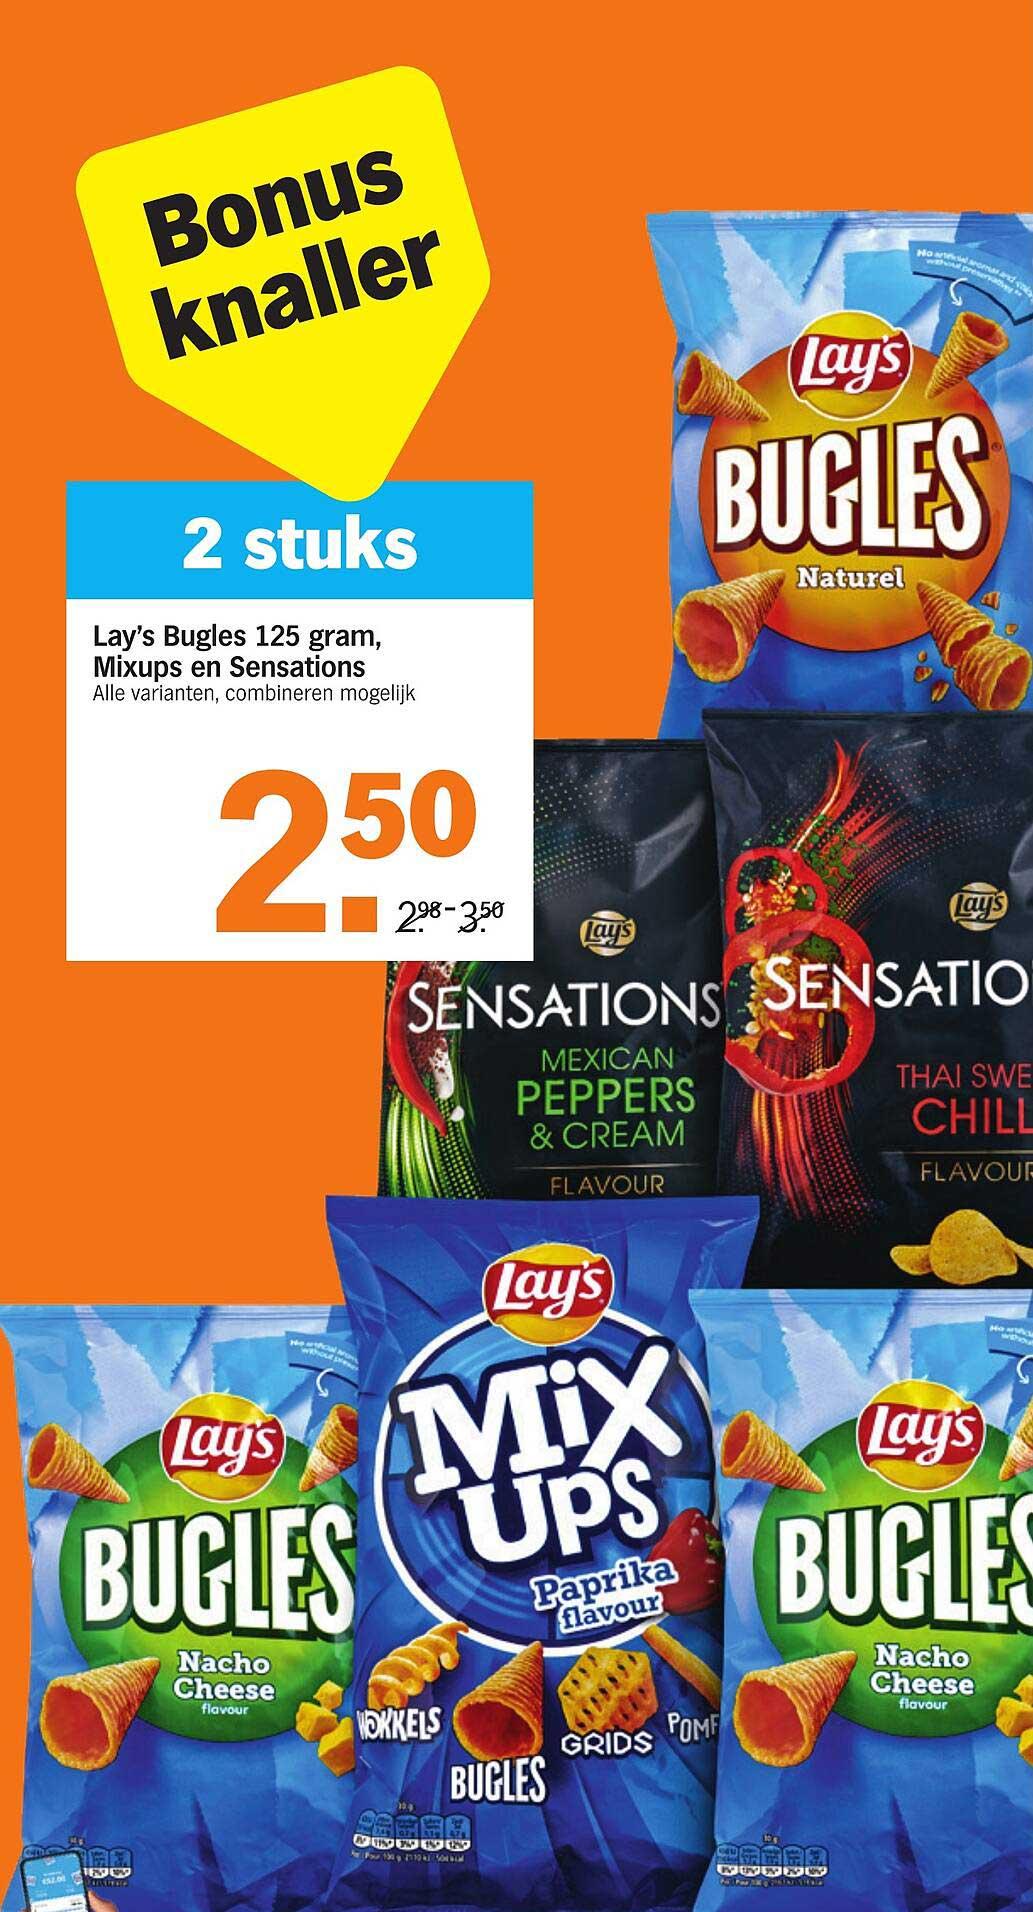 Albert Heijn Lay's Bugles 125 Gram, Mixups En Sensations